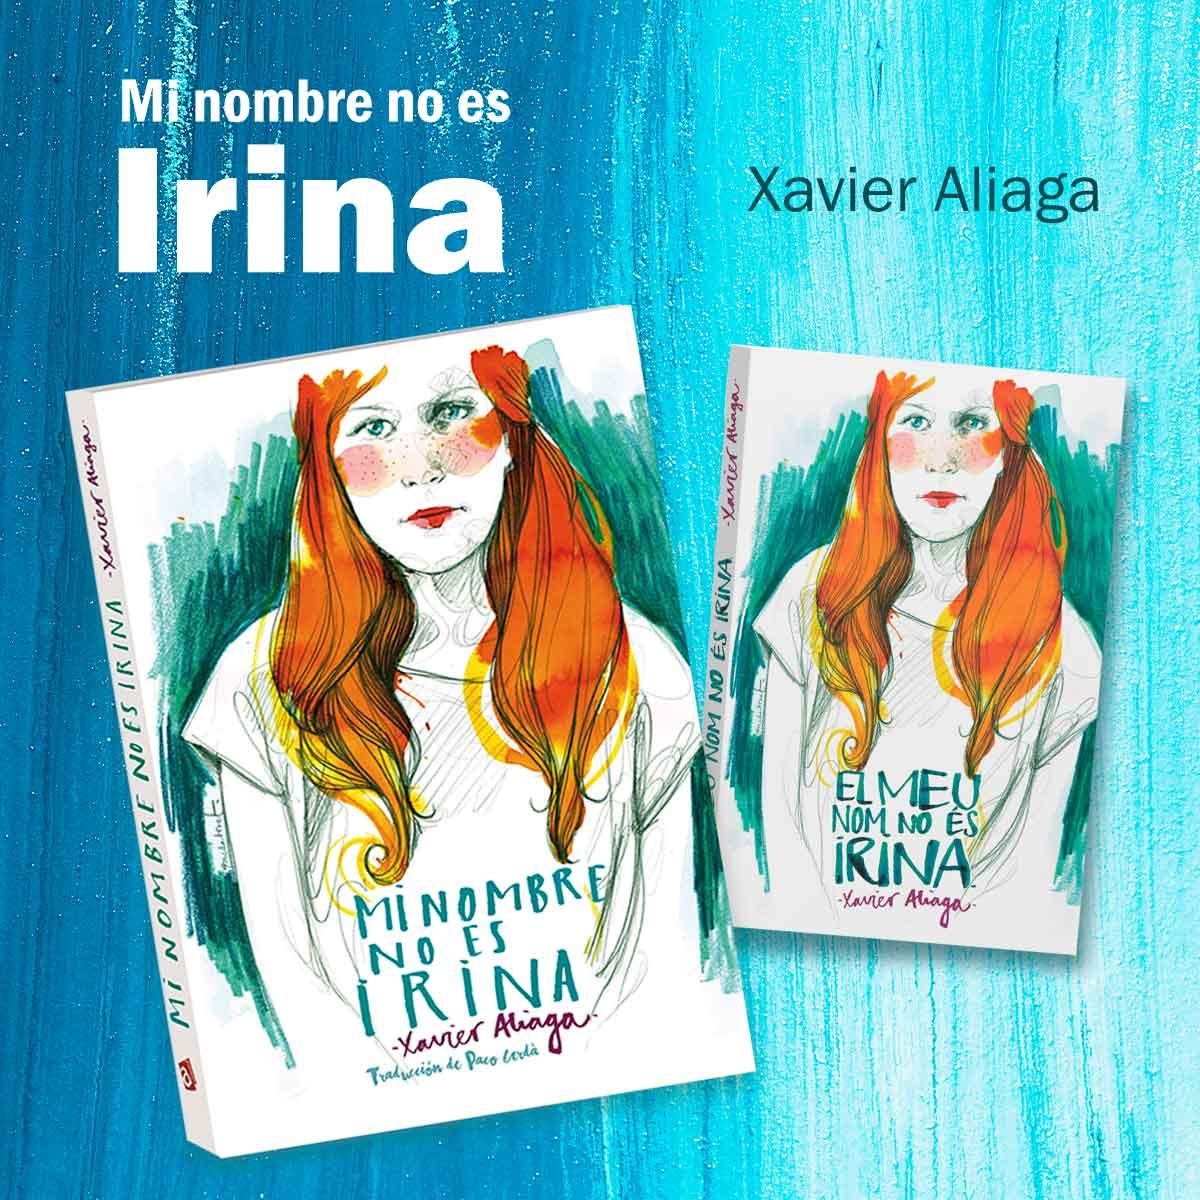 Mi nombre noes Irina